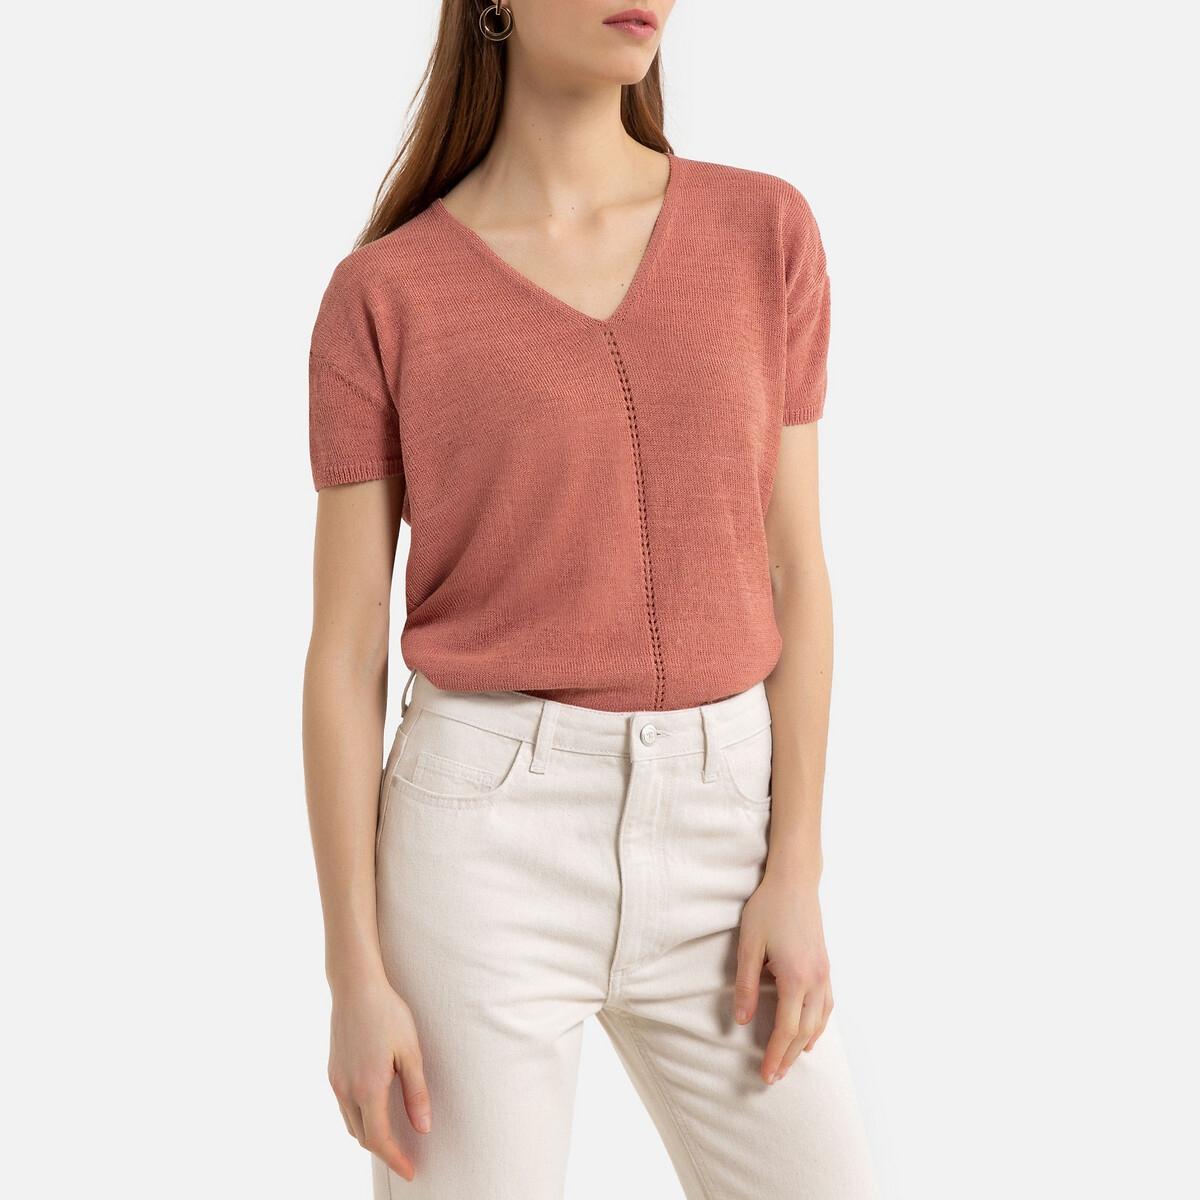 Фото - Пуловер La Redoute С V-образным вырезом из тонкого трикотажа XL розовый пуловер la redoute с v образным вырезом из тонкого трикотажа florestine 2 m серый